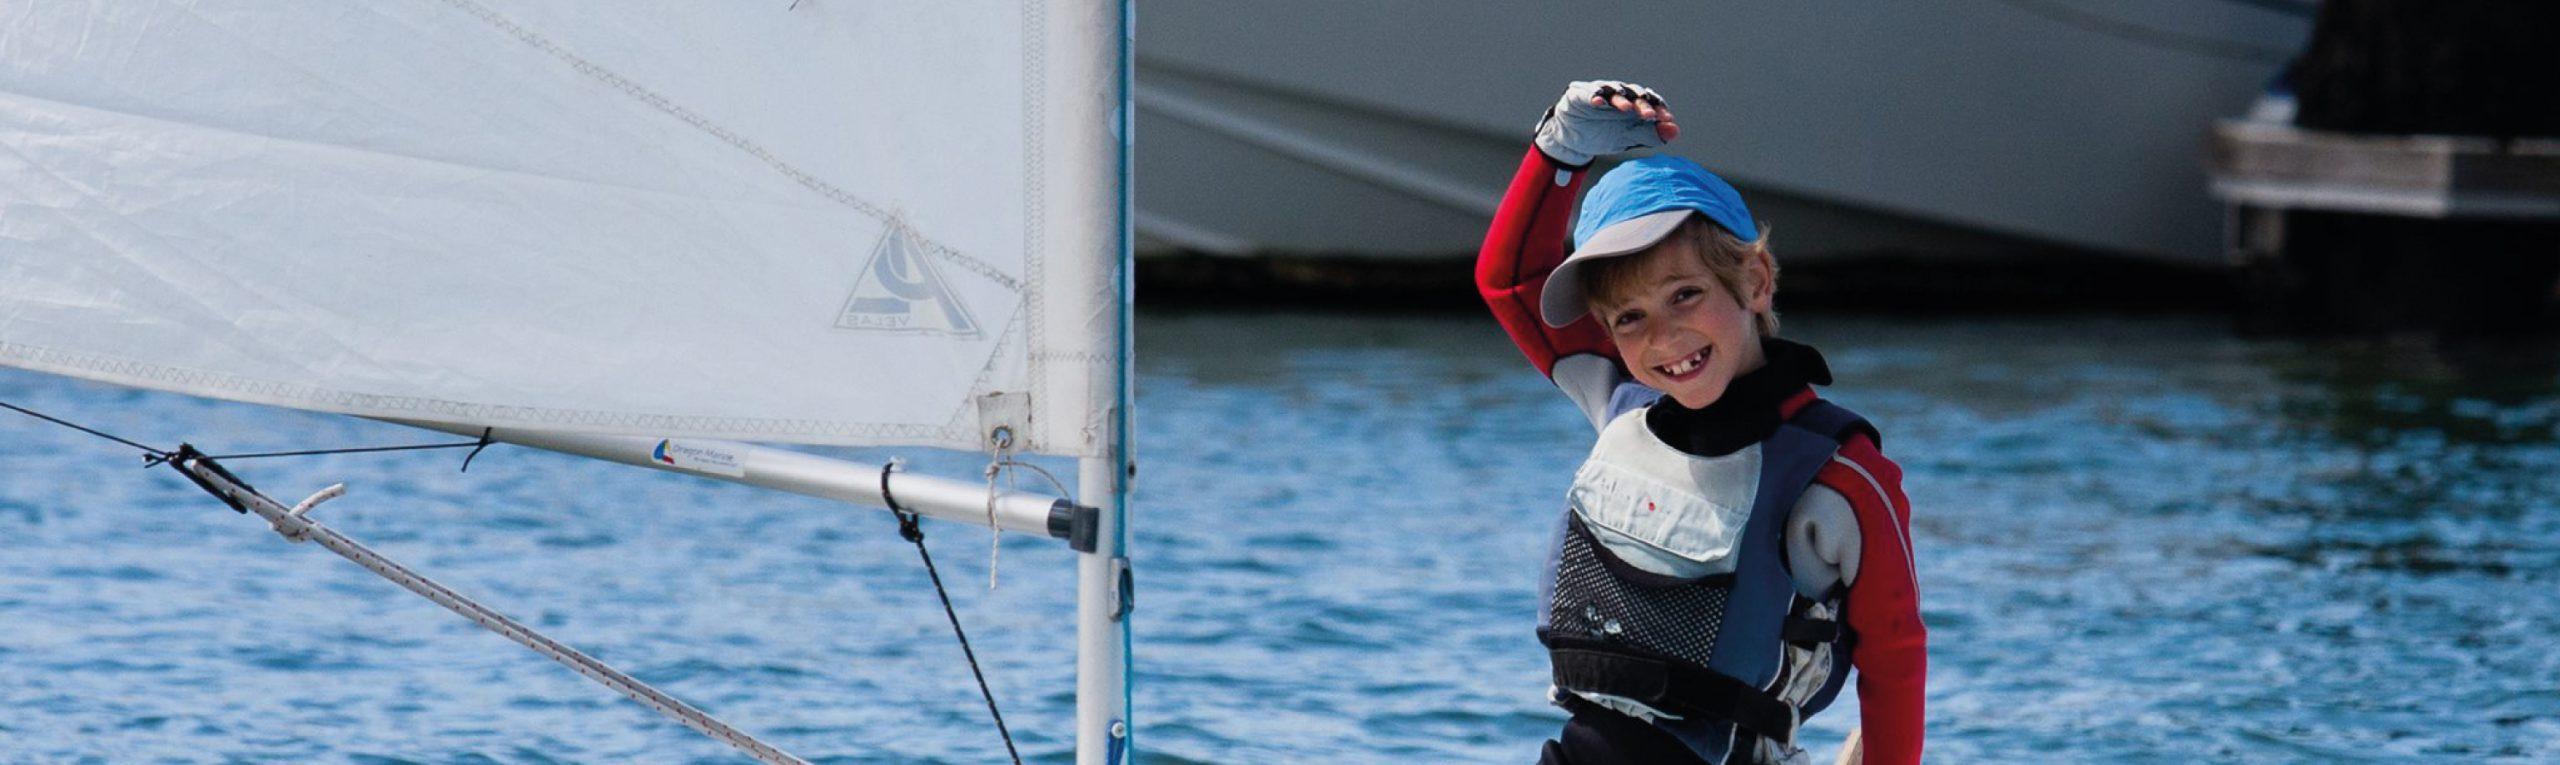 Academia de Vela Júnior Porto | BBDouro - We do Sailing